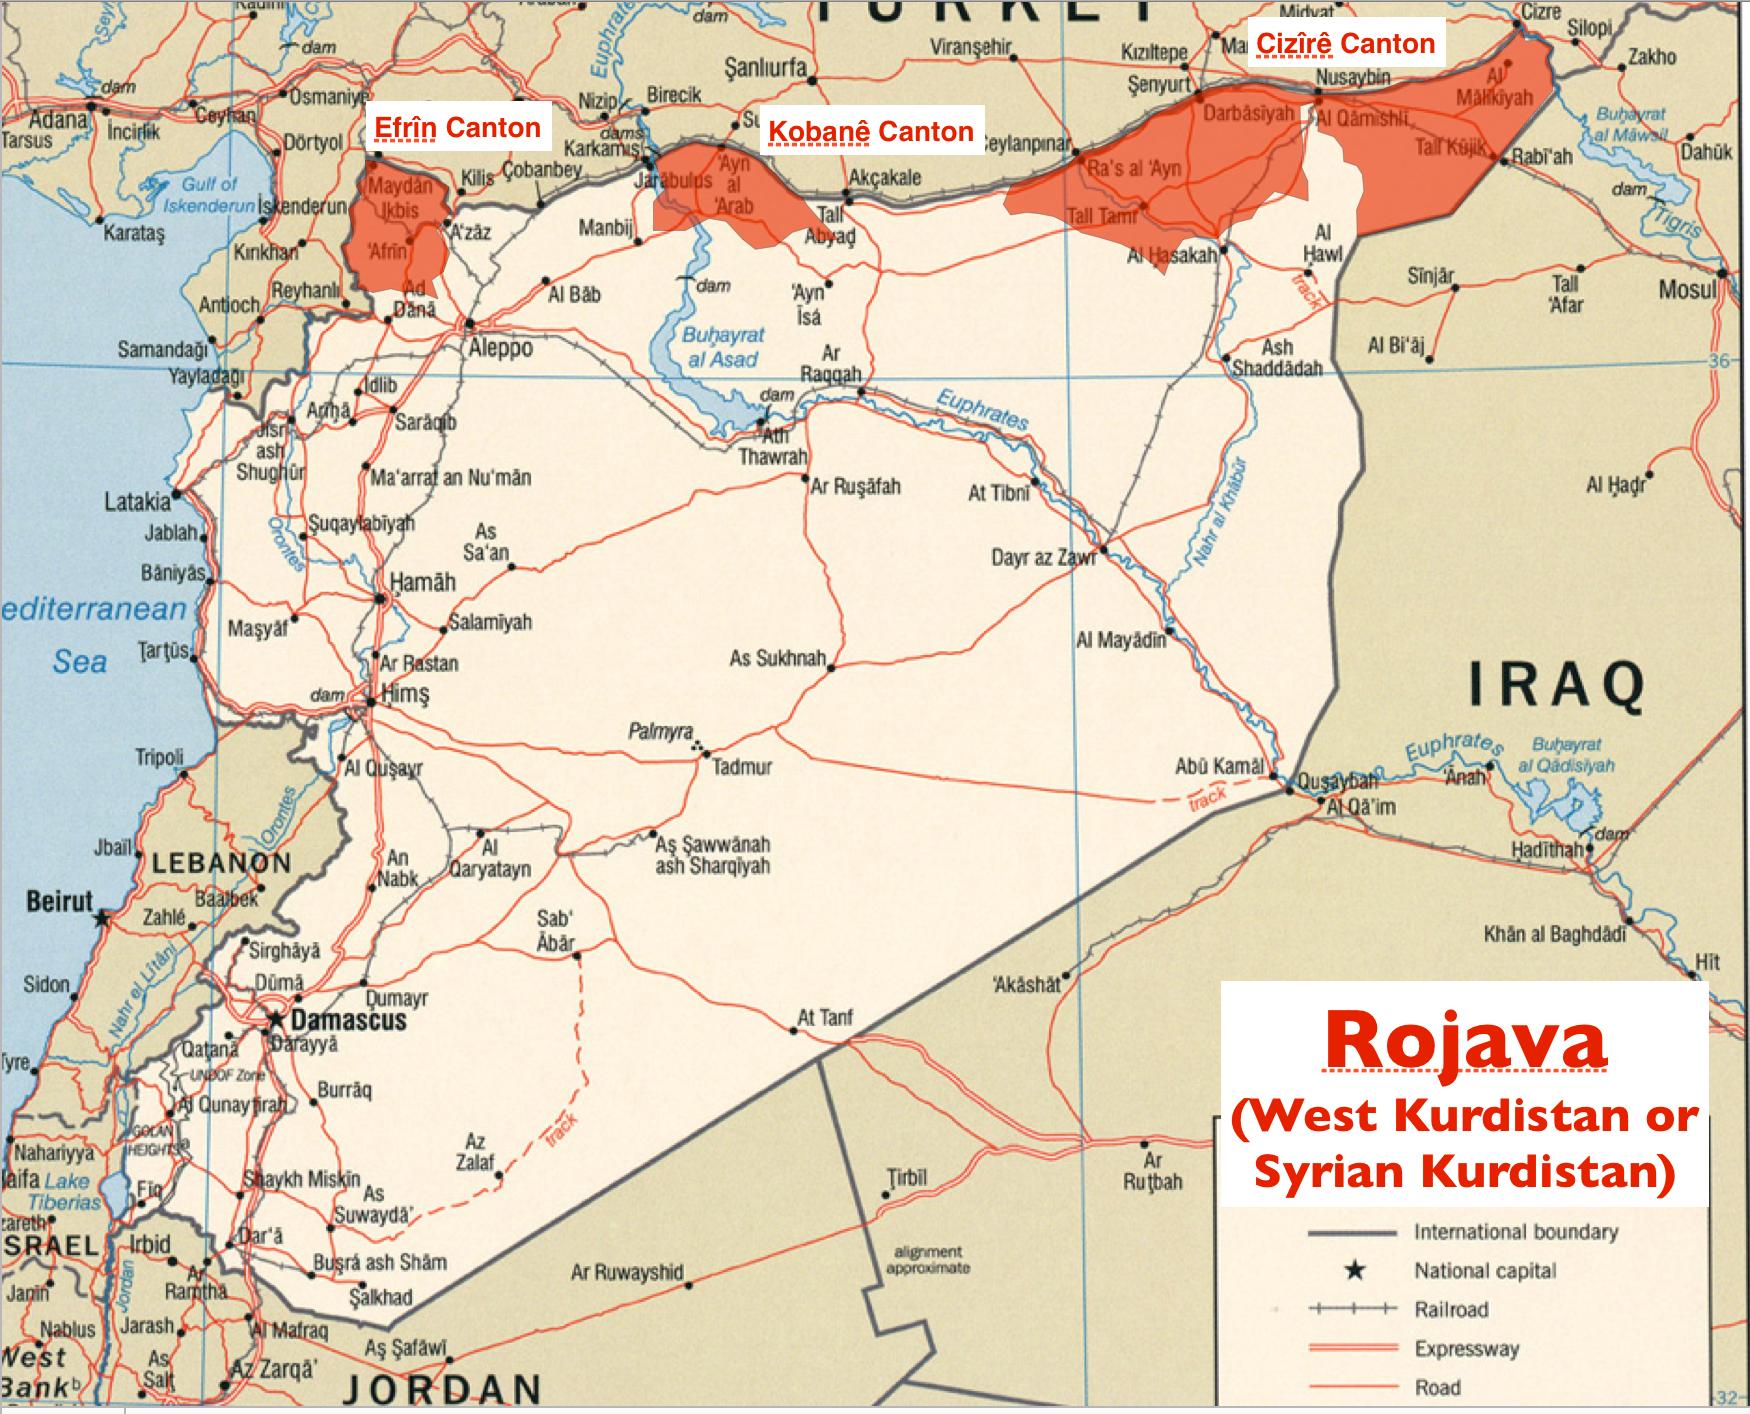 خريطة كردستان سوريا